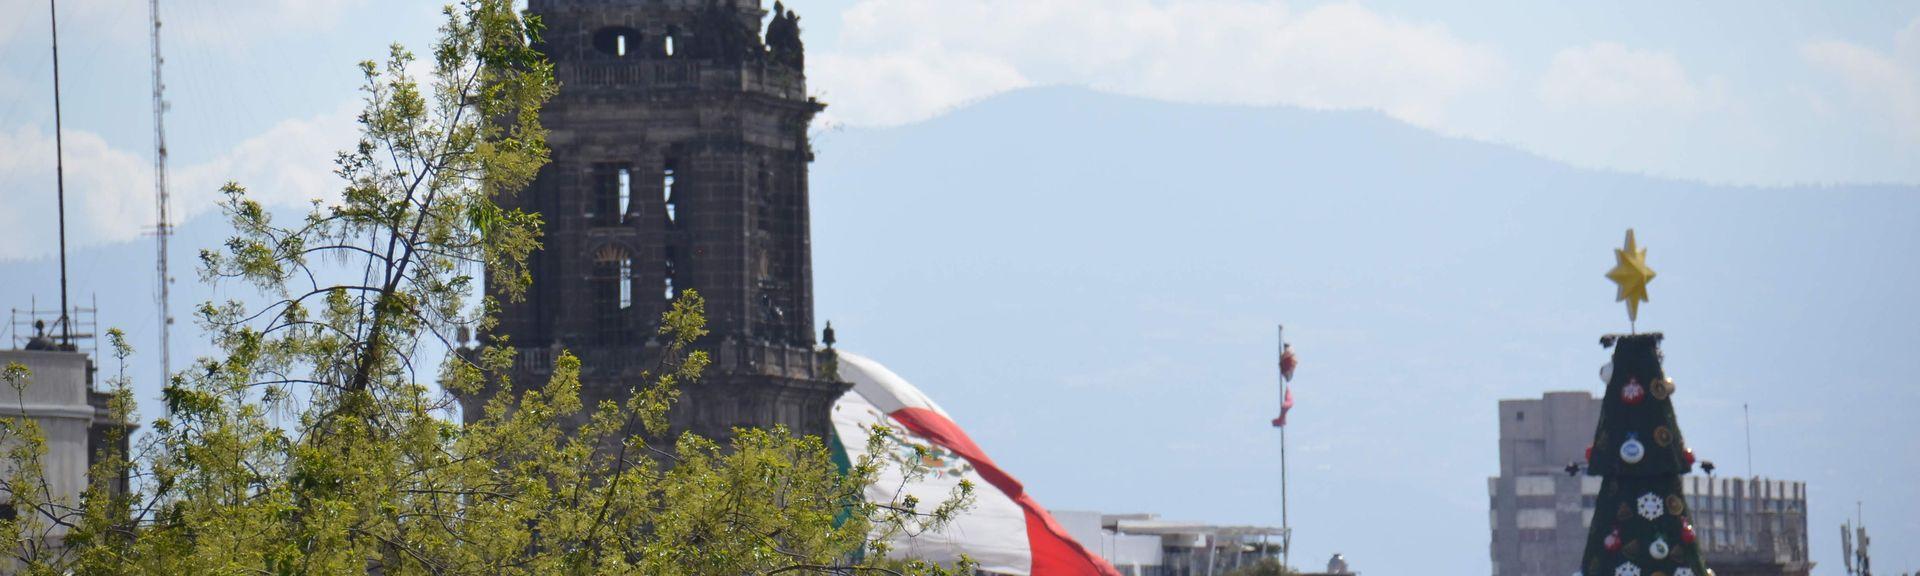 Centro Histórico, Cidade do México, México